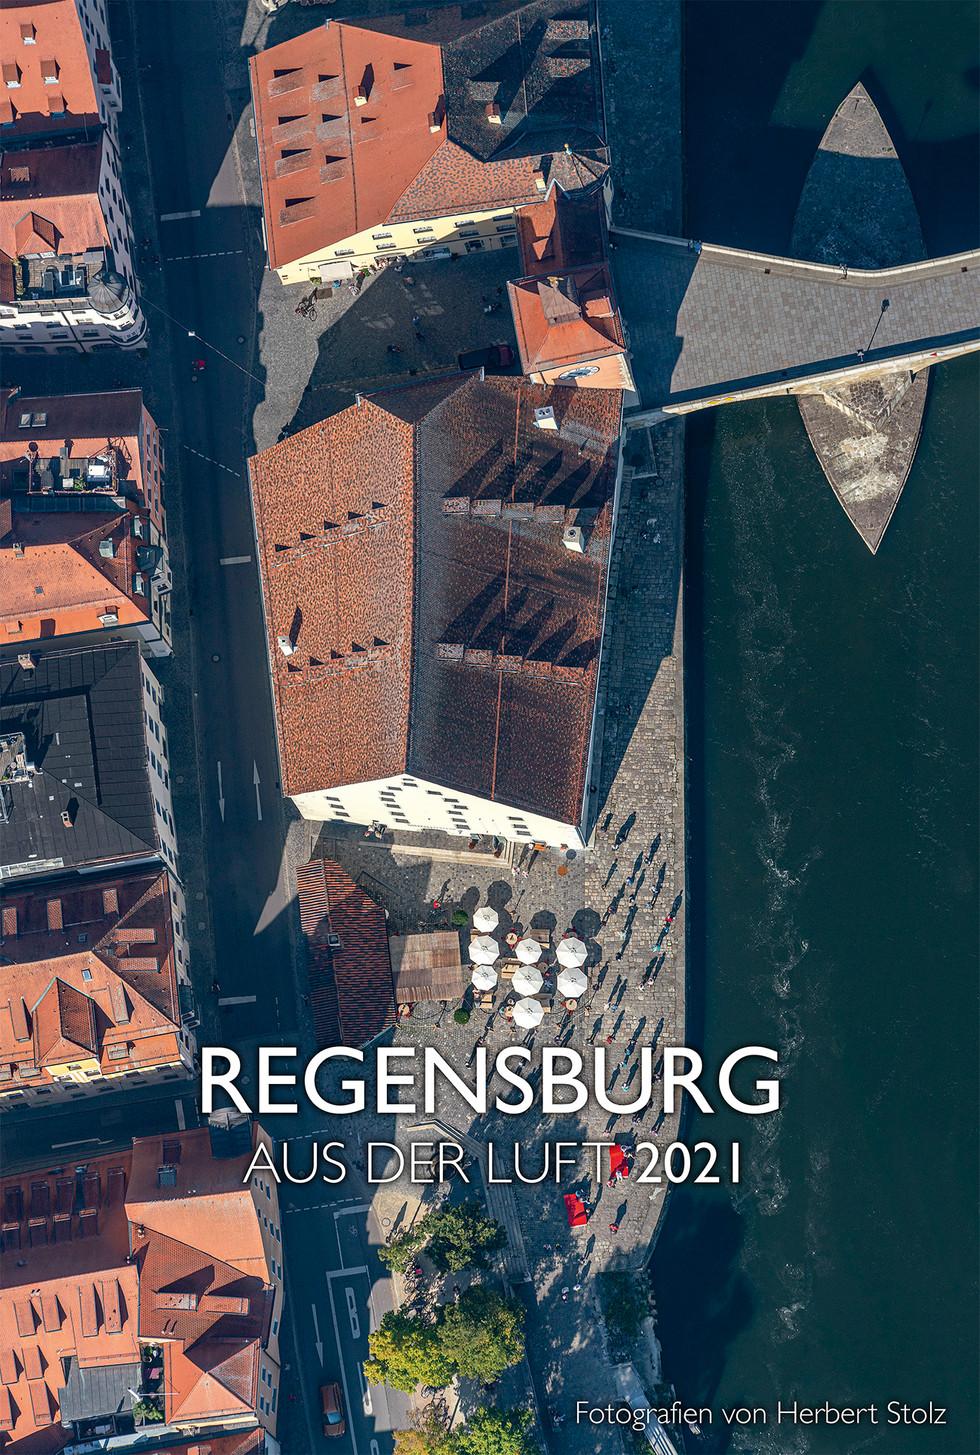 Regensburg aus der Luft 2021